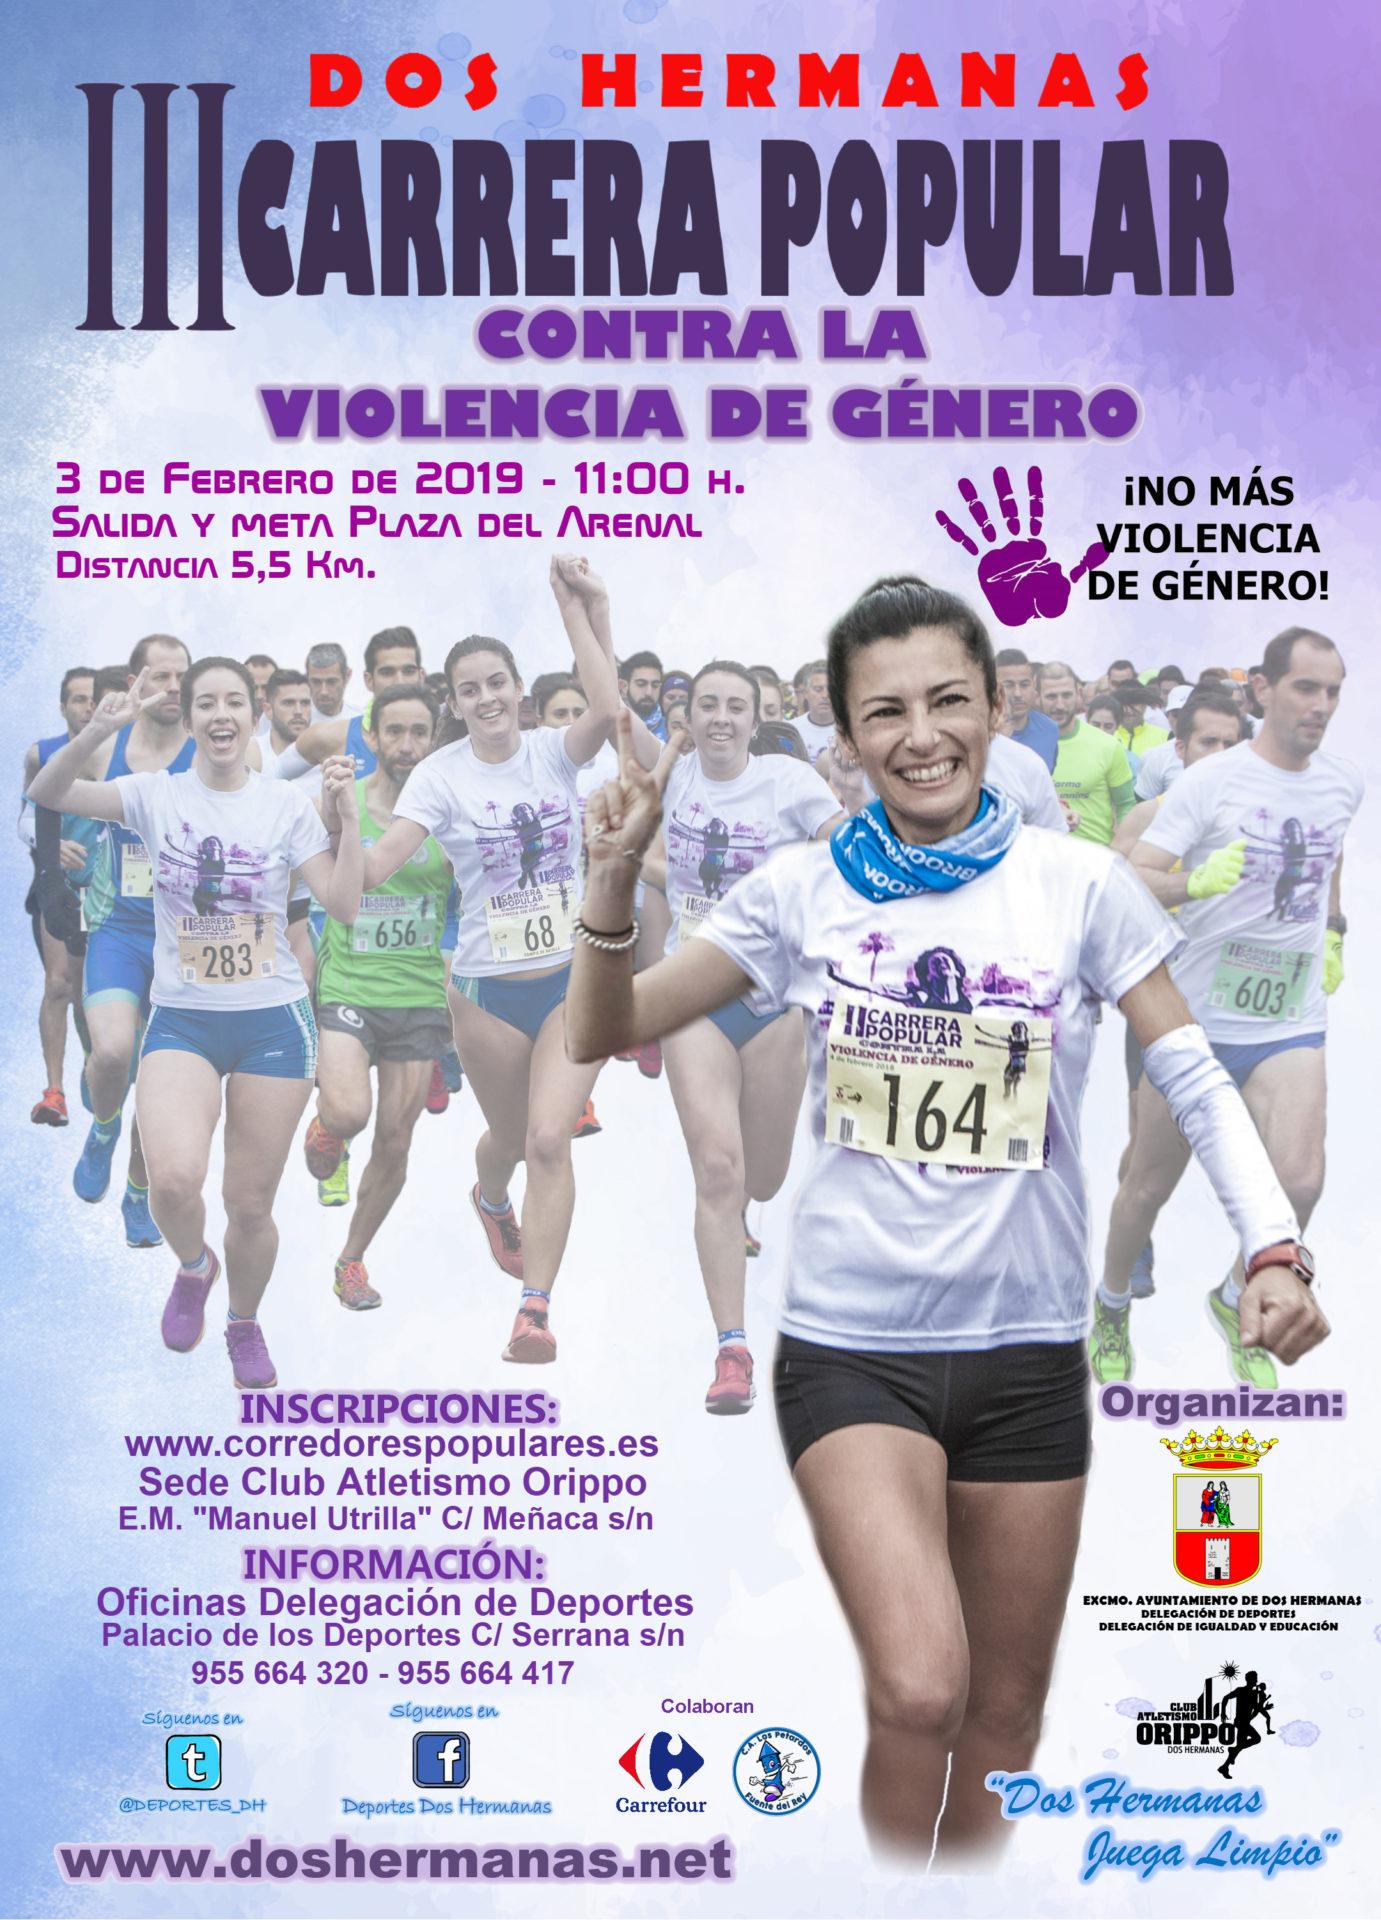 III Carrera Popular contra la Violencia de Género organizada en Dos Hermanas